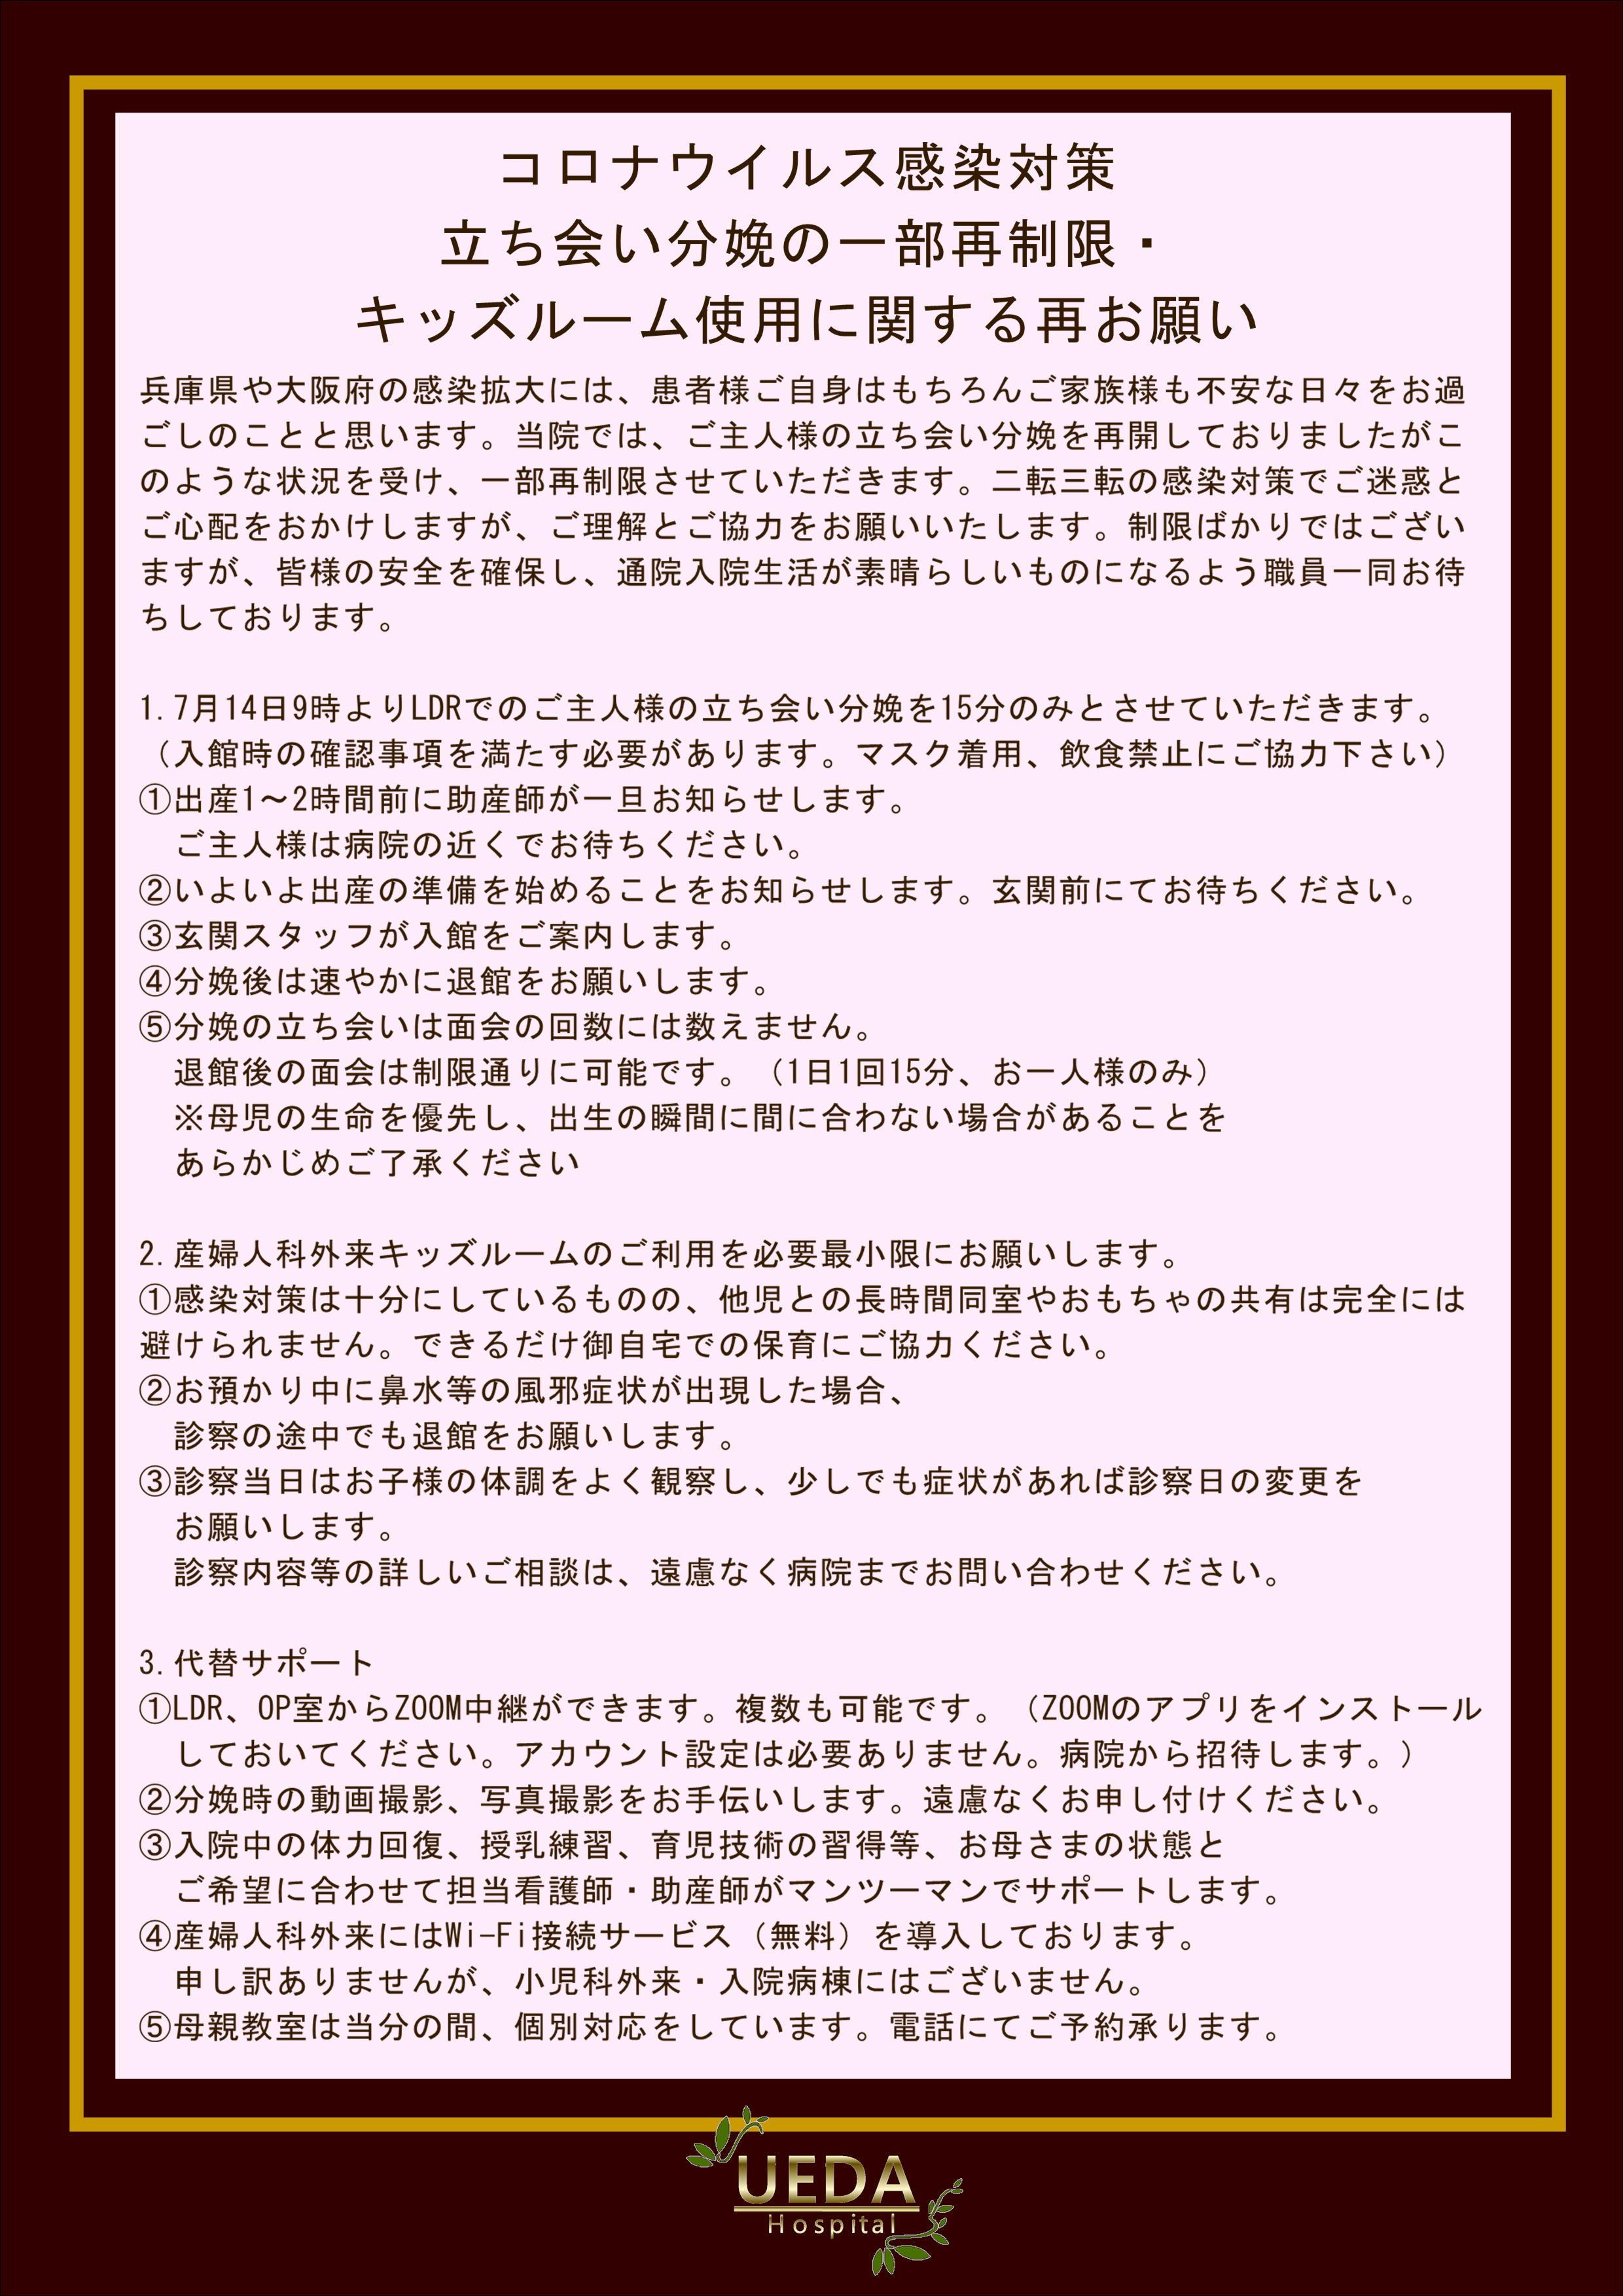 立ち会い分娩再制限・キッズルームについて7.14~.JPG